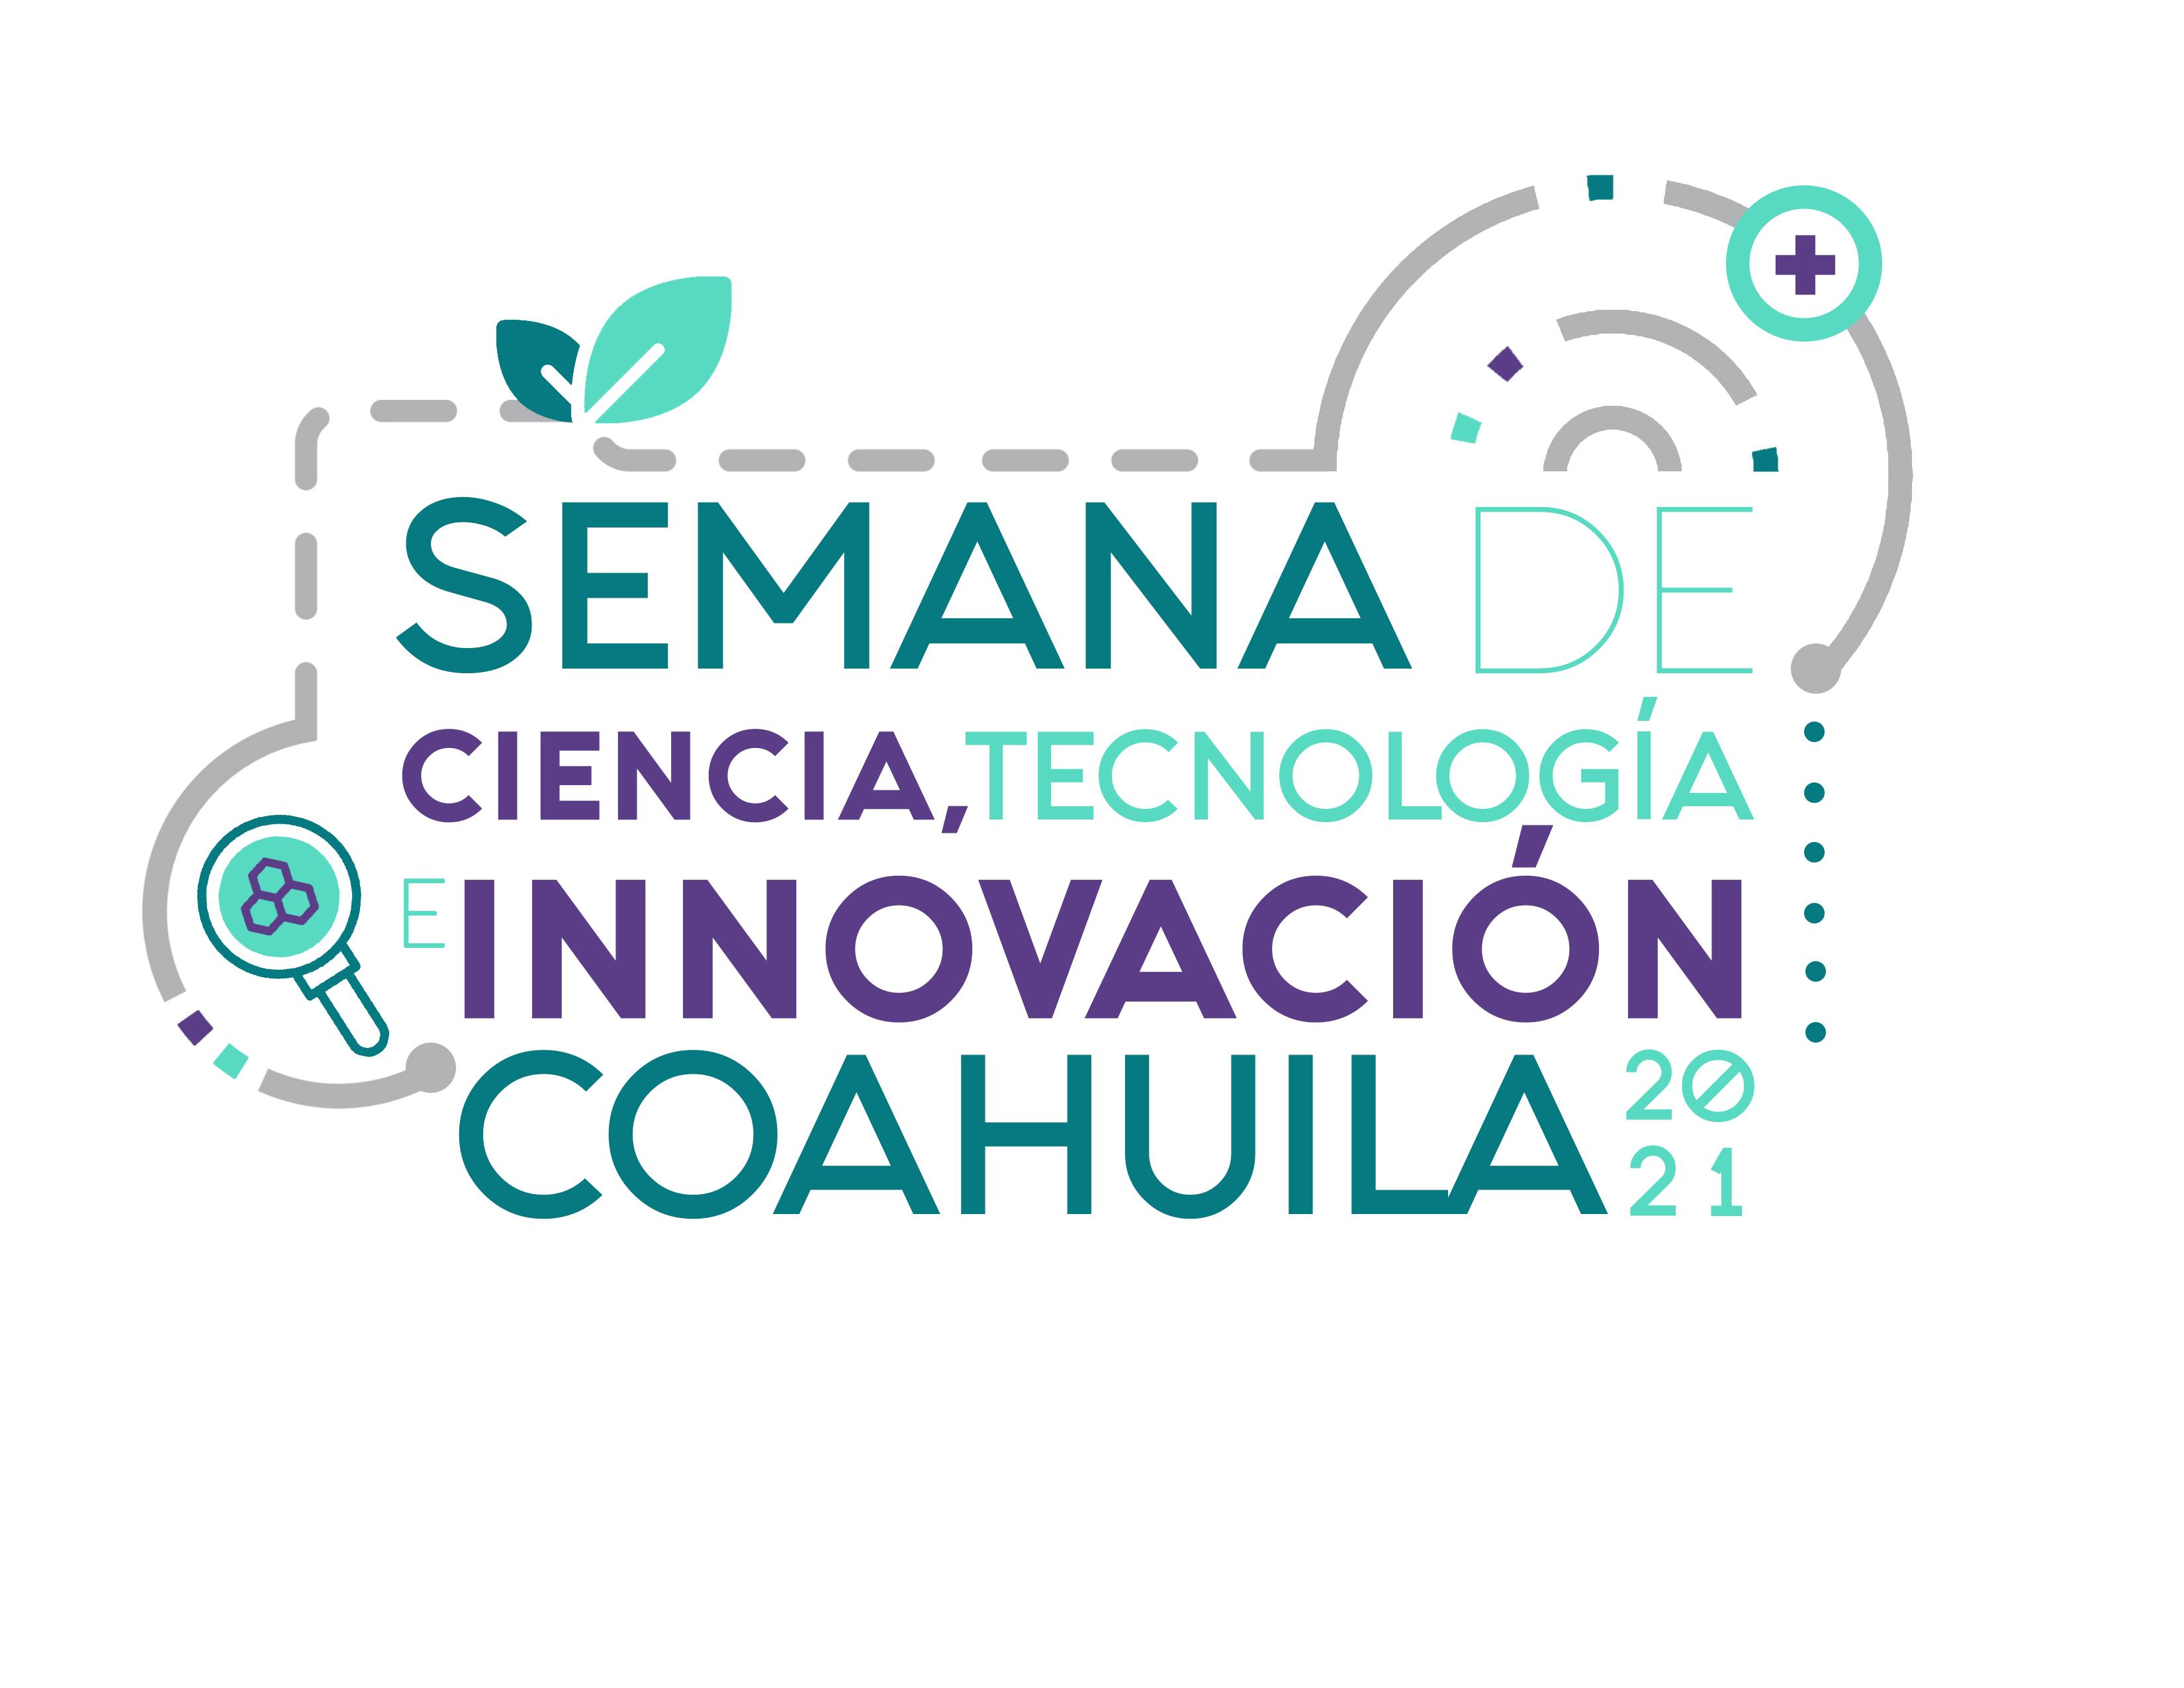 Semana de Ciencia, Tecnología e Innovación Coahuila 2021